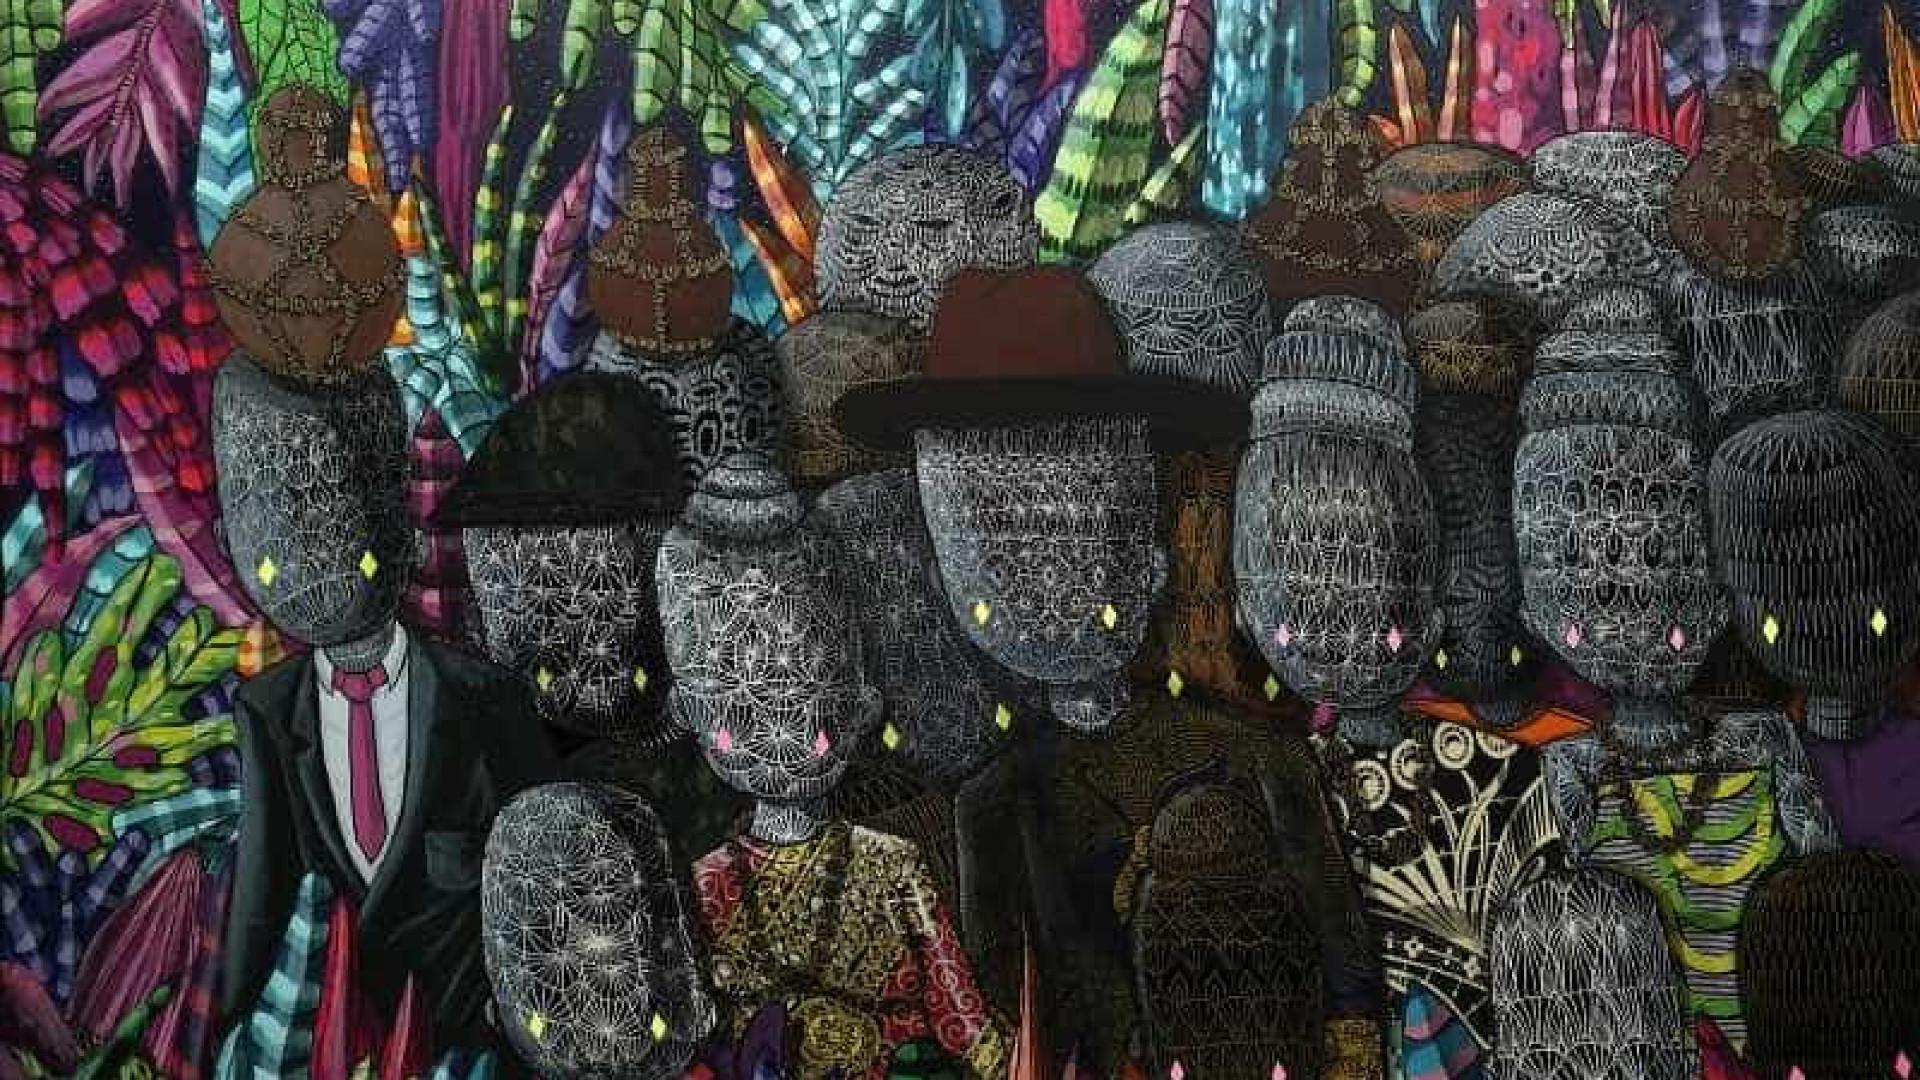 Grande nome da arte urbana, Toz expõe trabalhos inéditos no Rio